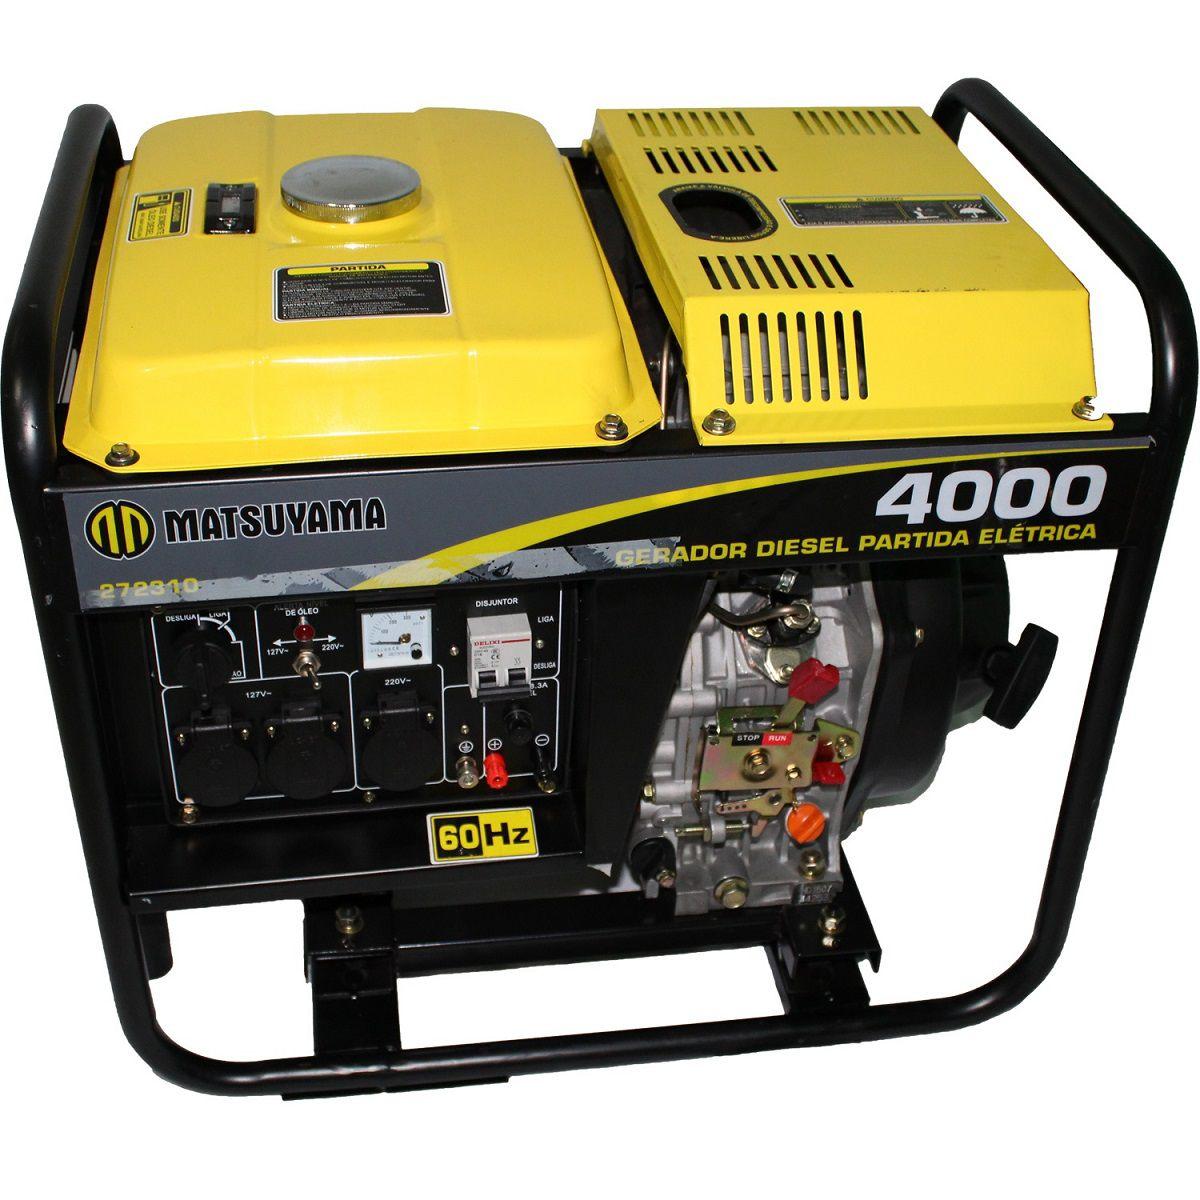 Gerador 4000 Diesel Monofásico Partida Elétrica Matsuyama